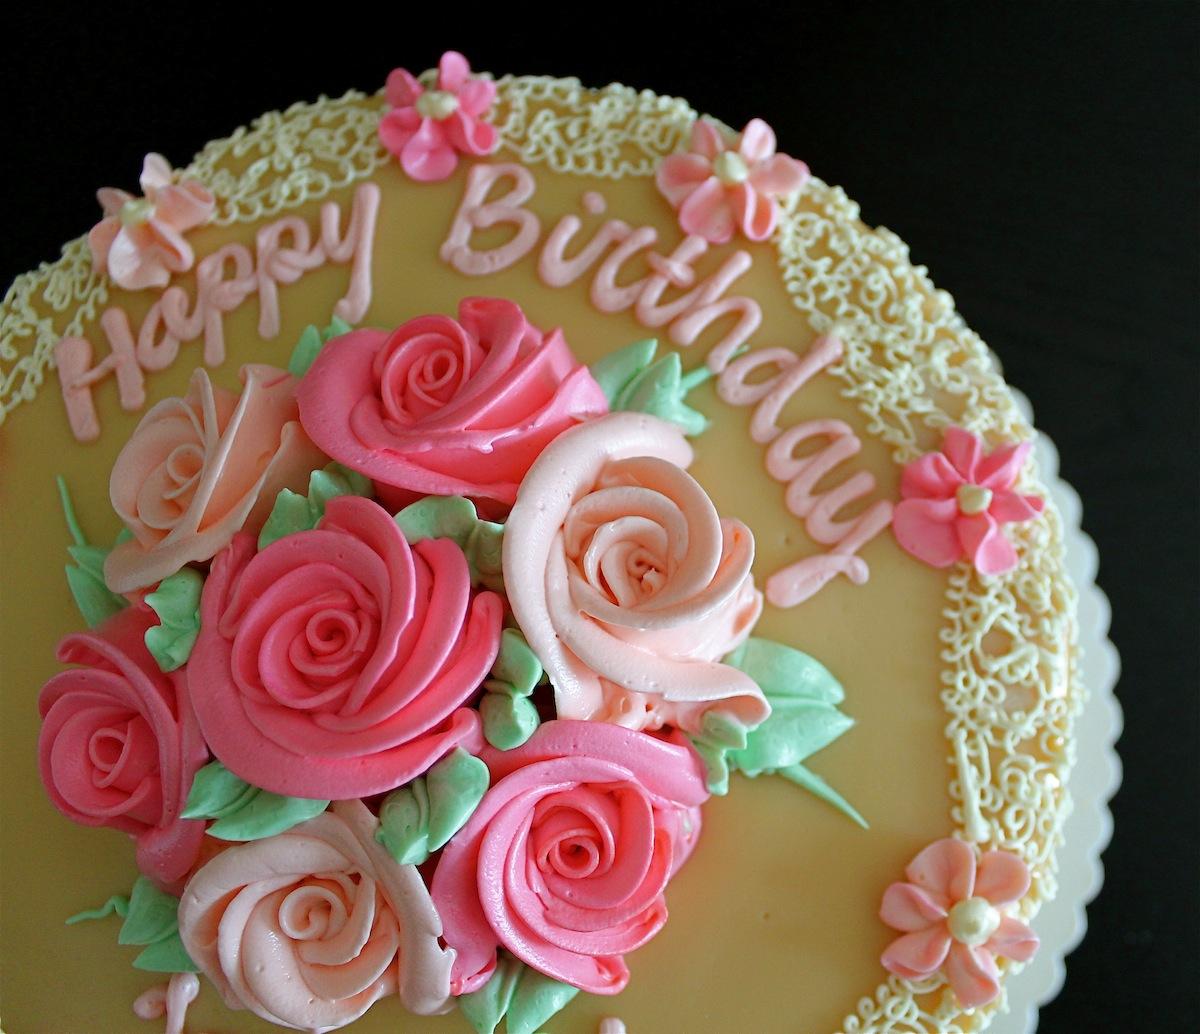 Estrel S Caramel Cake Contact Number